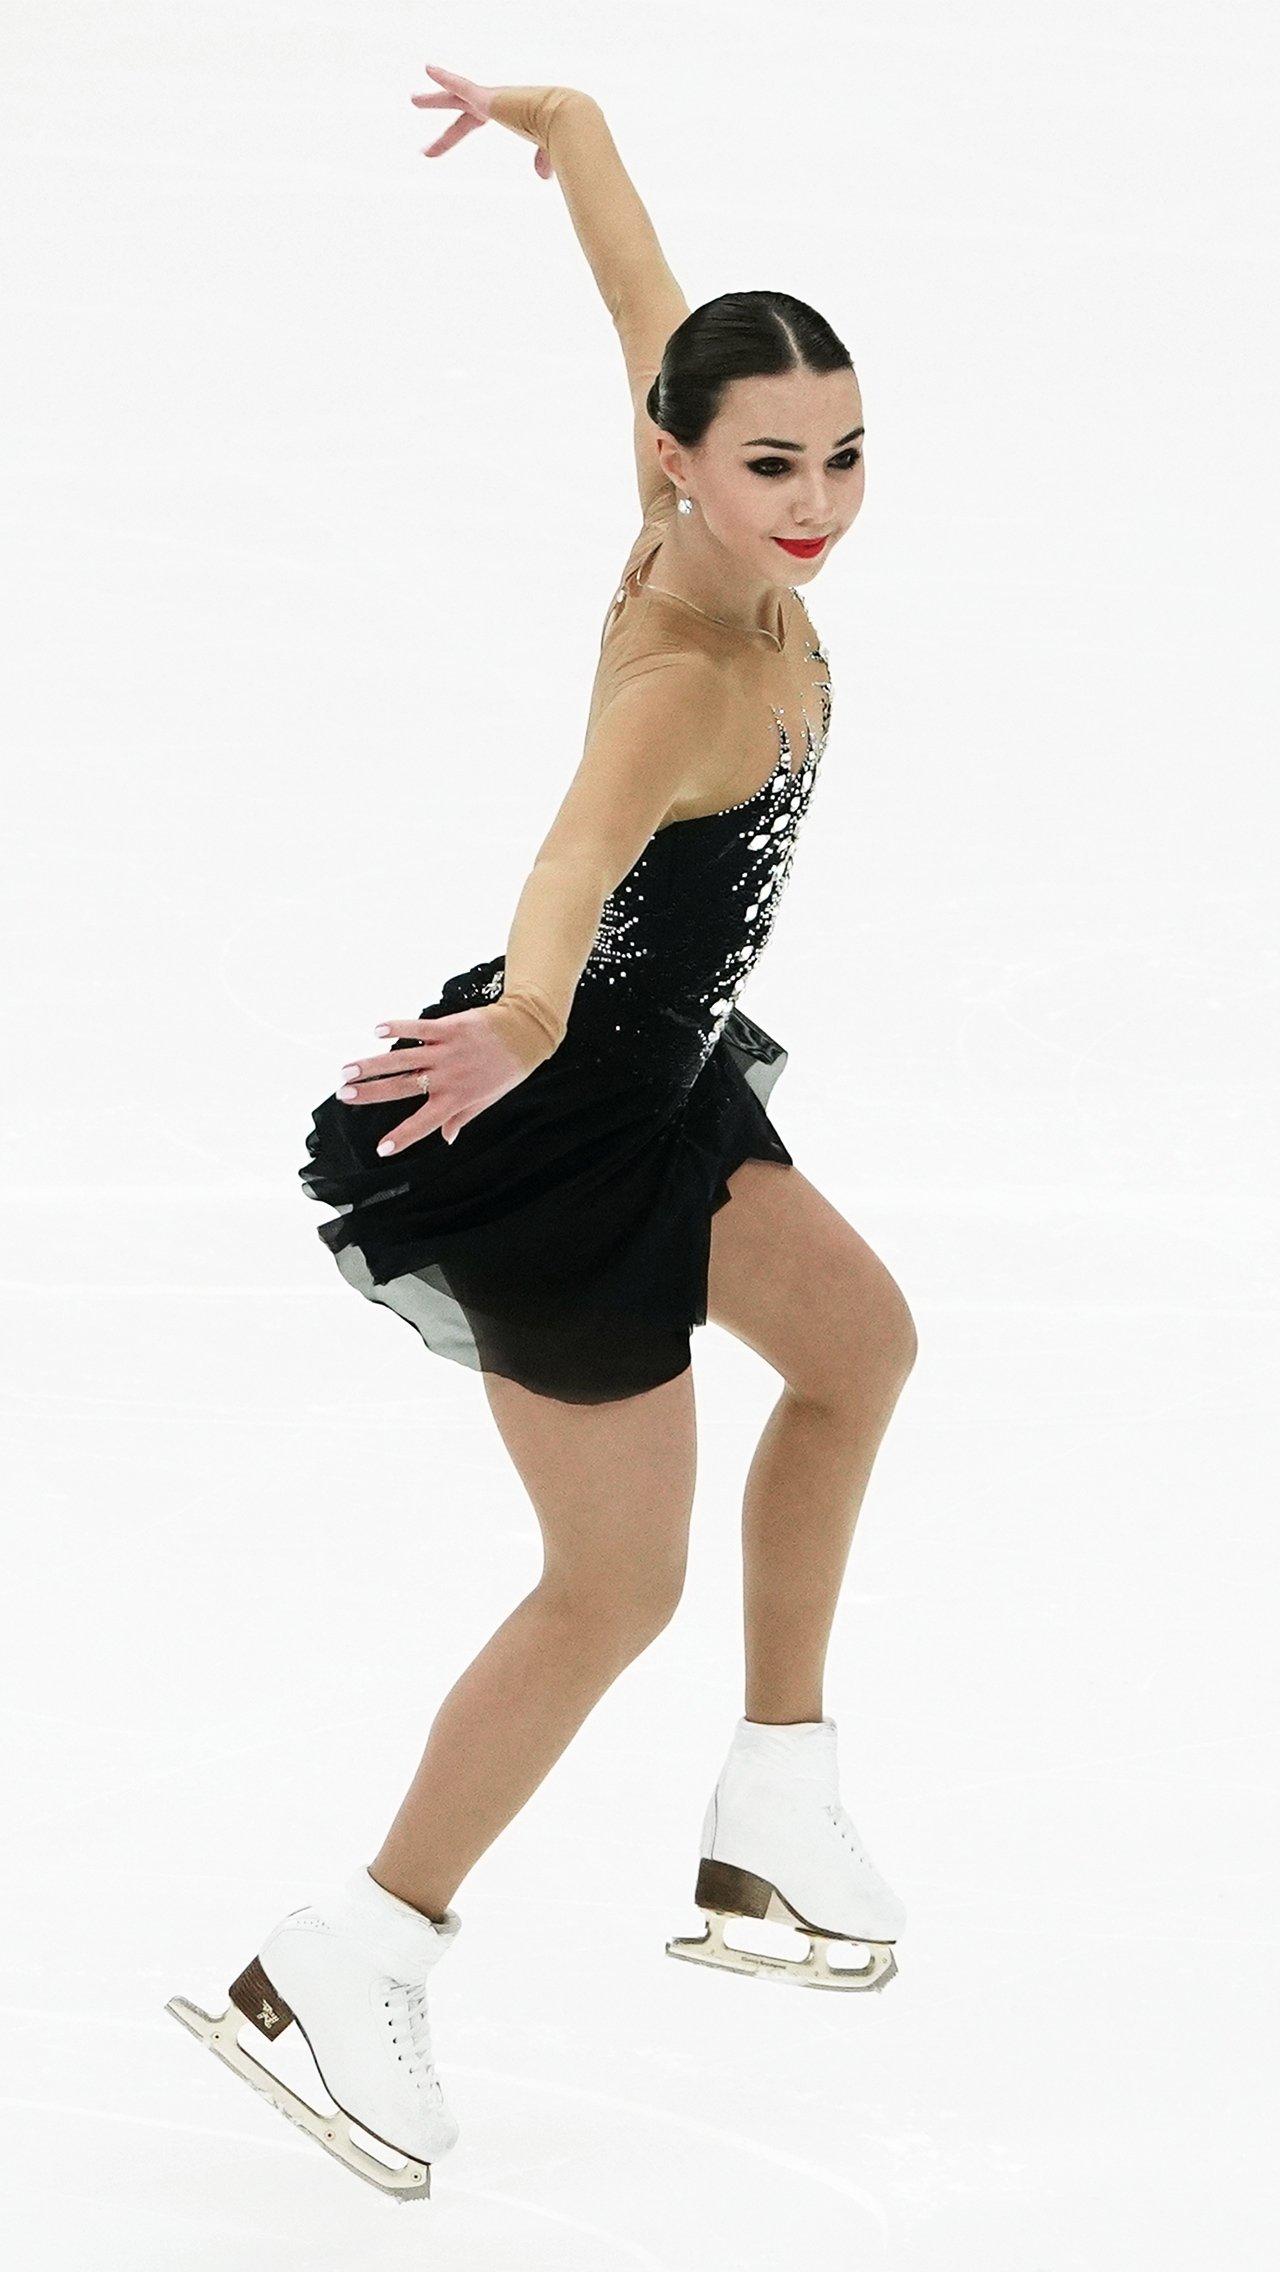 В резервный состав вошла и Елизавета Нугуманова. Фигуристка становилась третьей среди взрослых на чемпионате России и занимала пятое место на Гран-при Москвы.